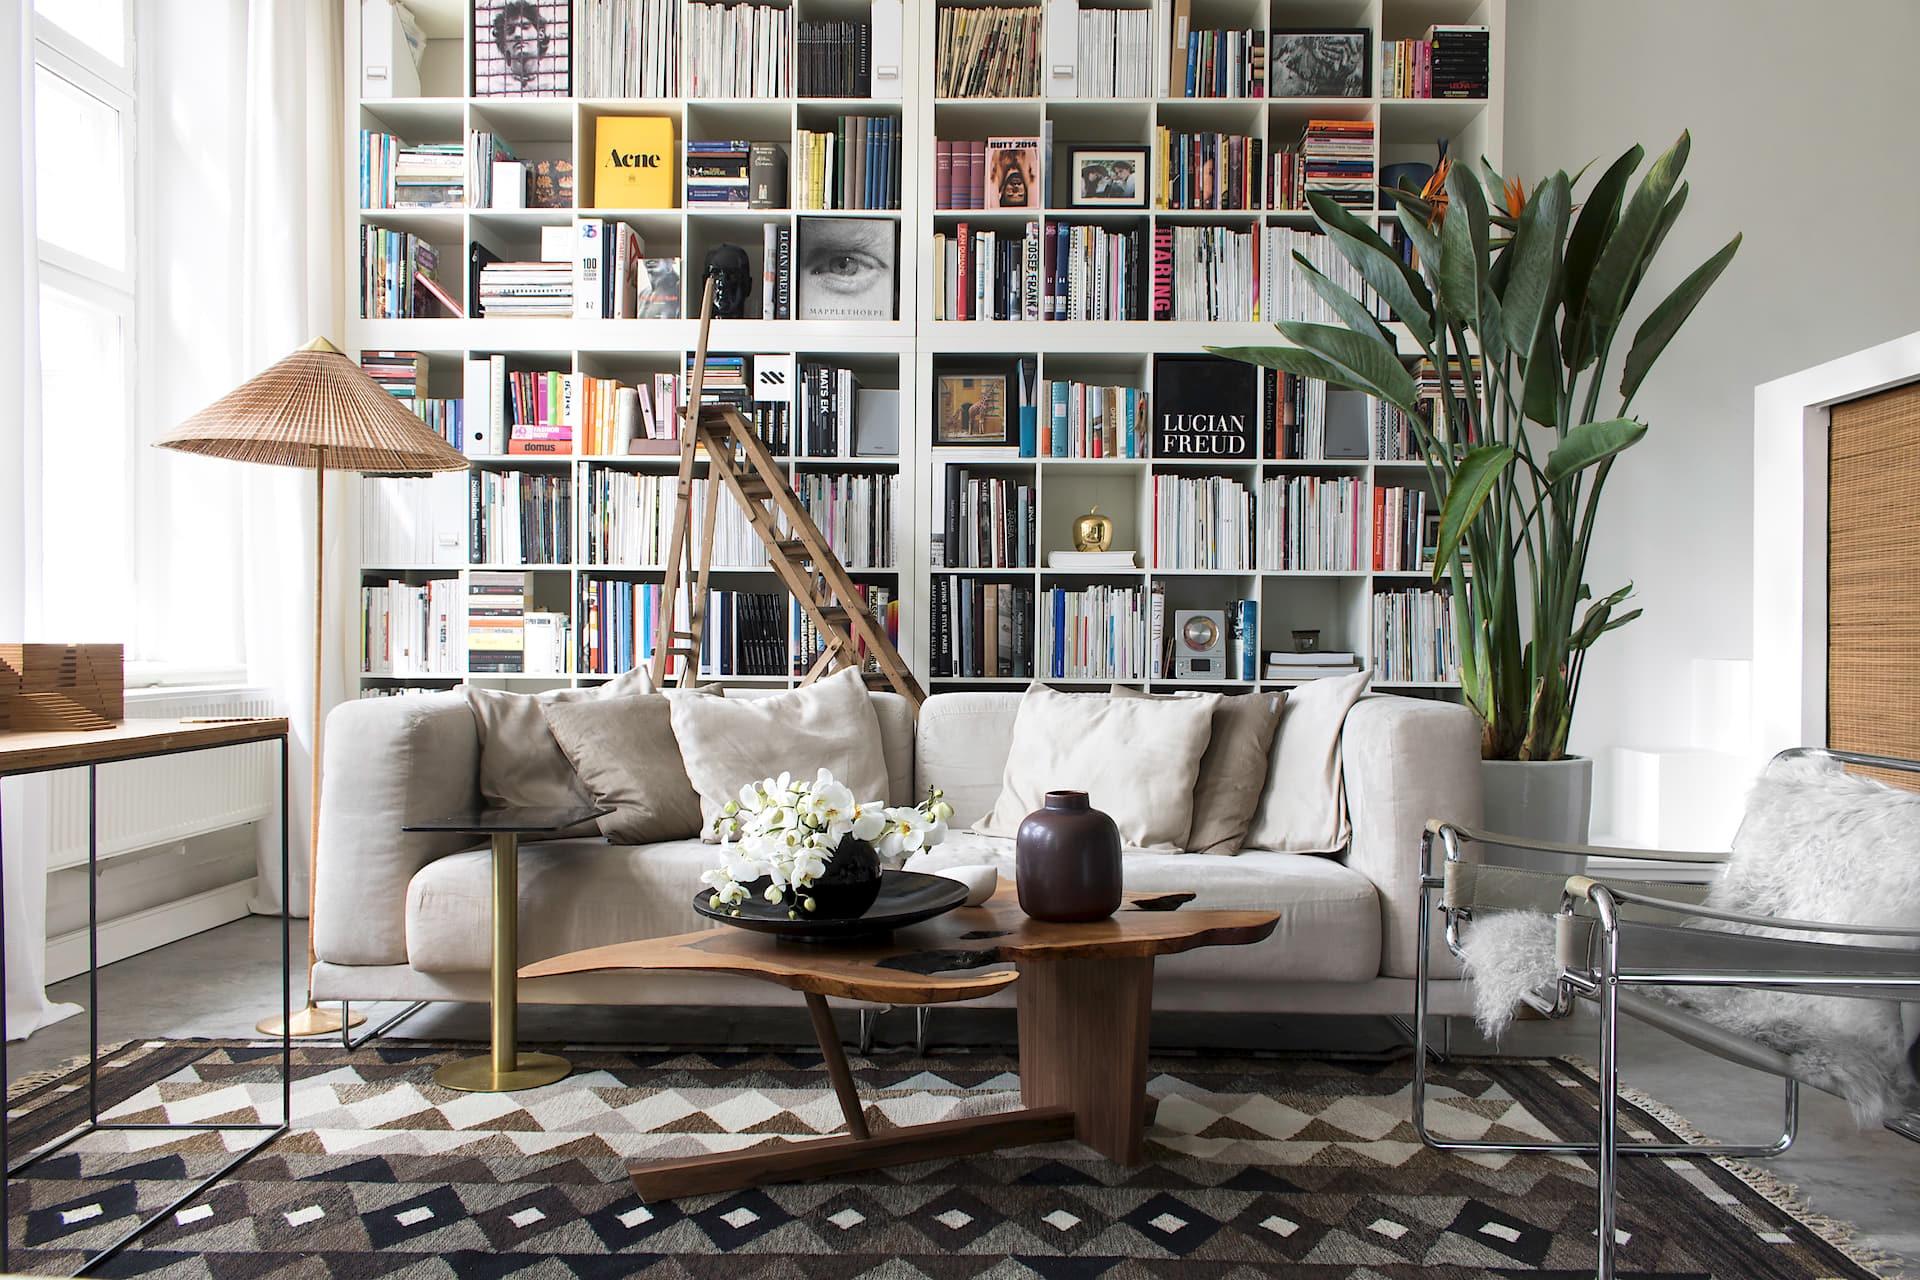 гостиная книжный шкаф диван